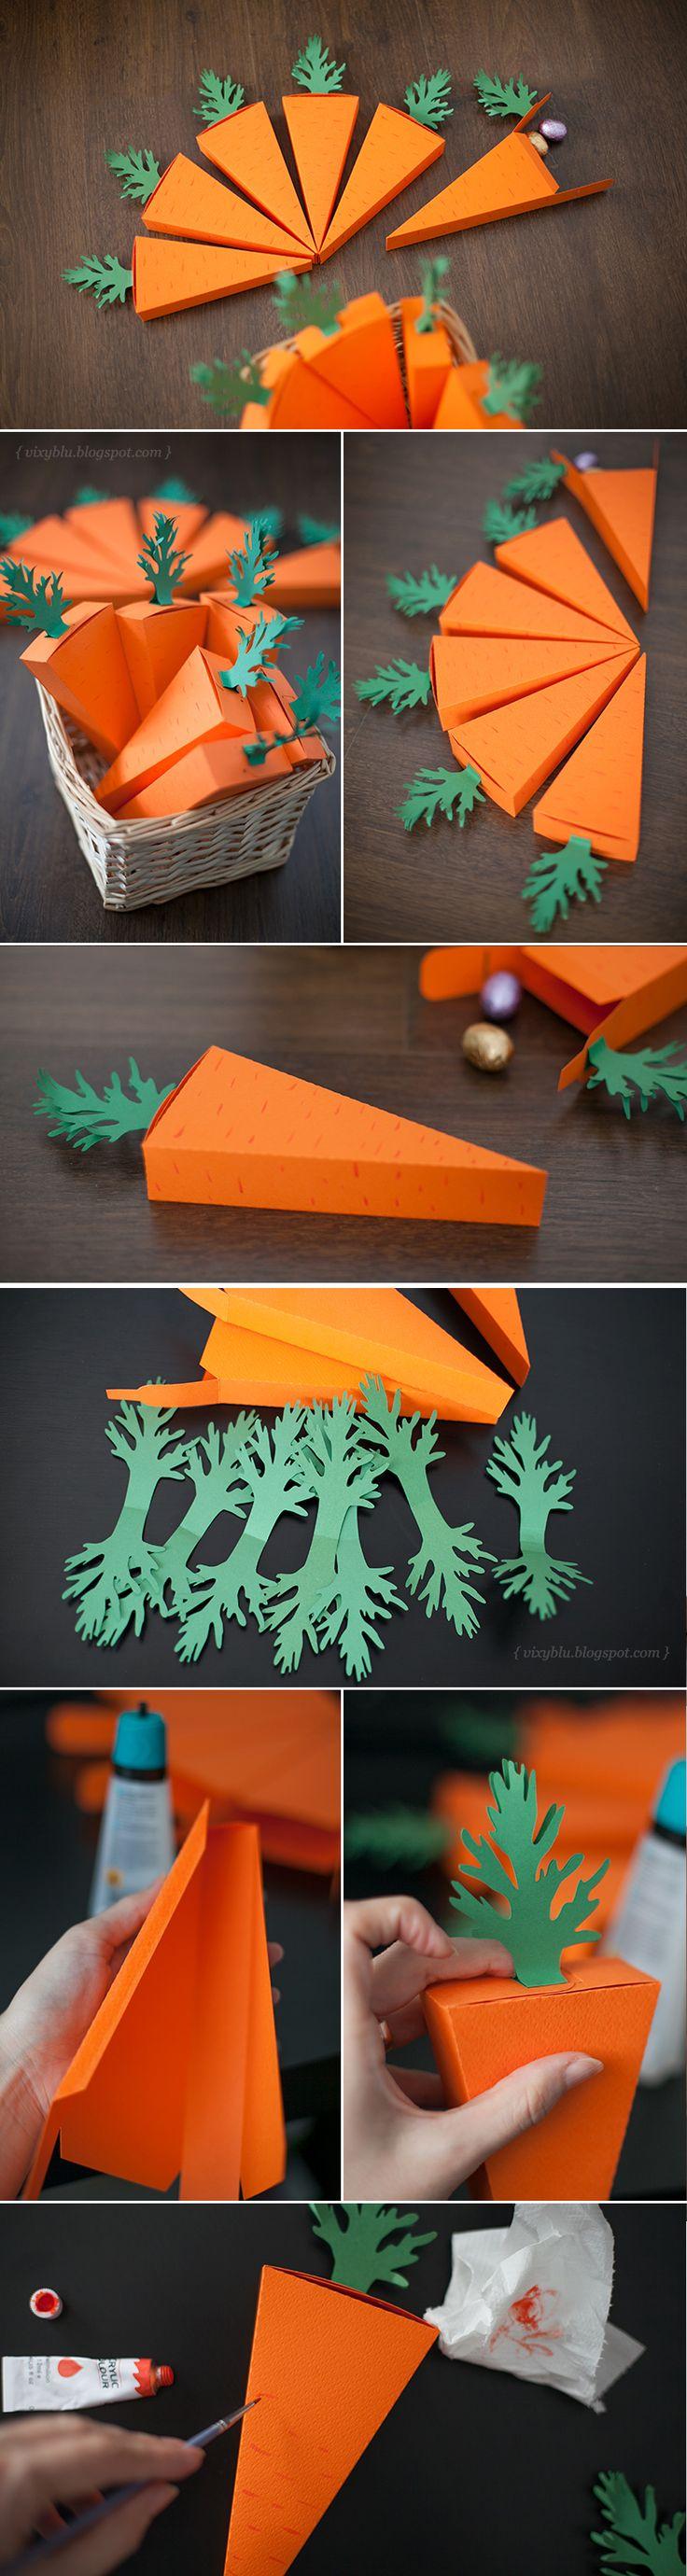 húsvéti ötletek - papírrépa